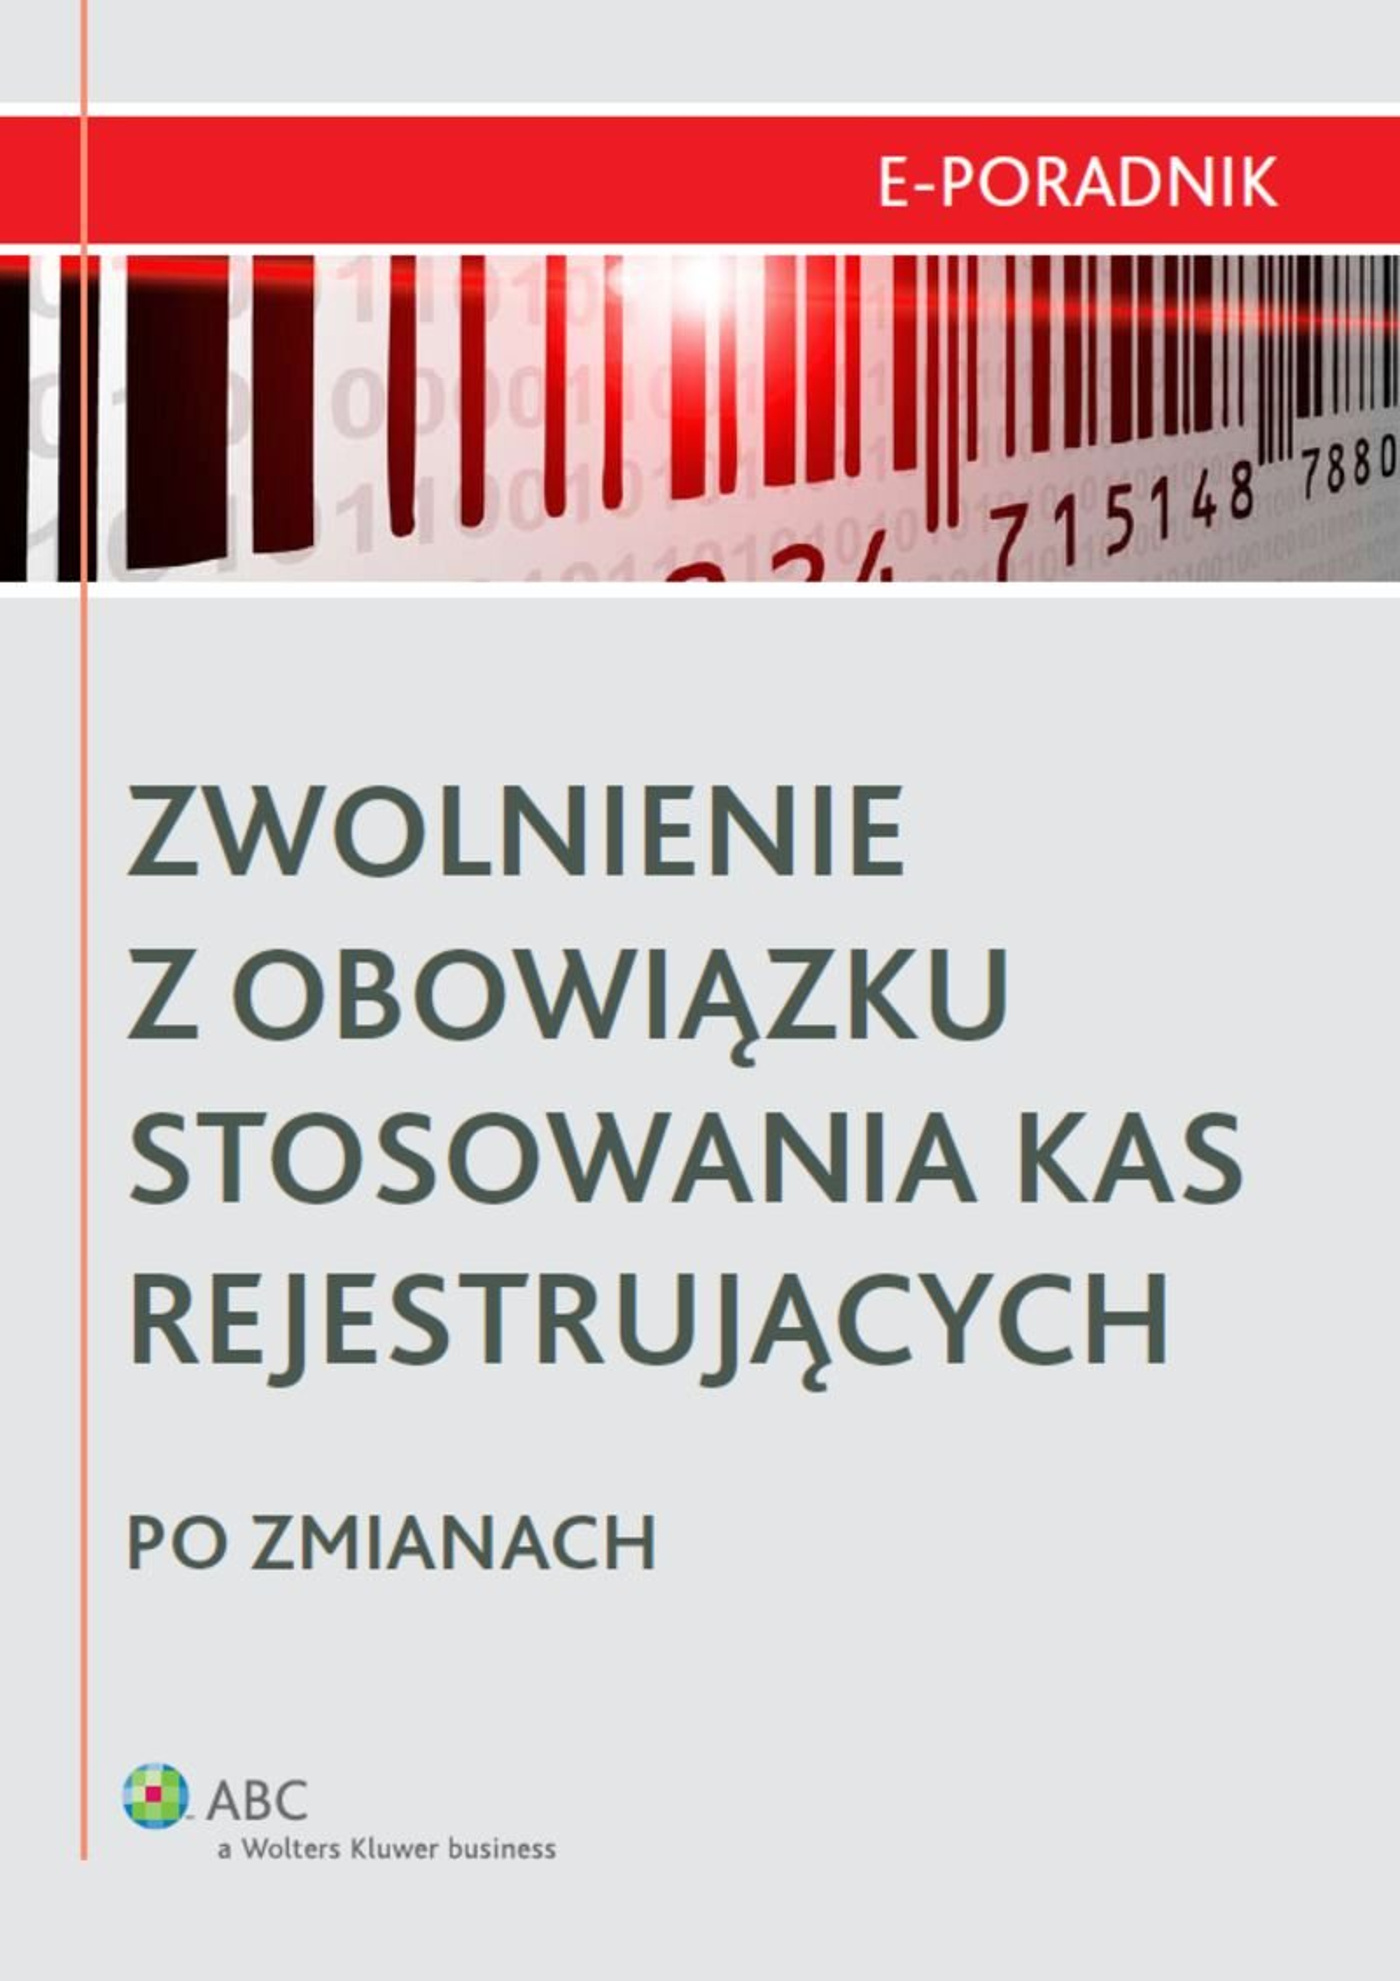 Zwolnienie z obowiązku stosowania kas rejestrujących po zmianach - Ebook (Książka EPUB) do pobrania w formacie EPUB